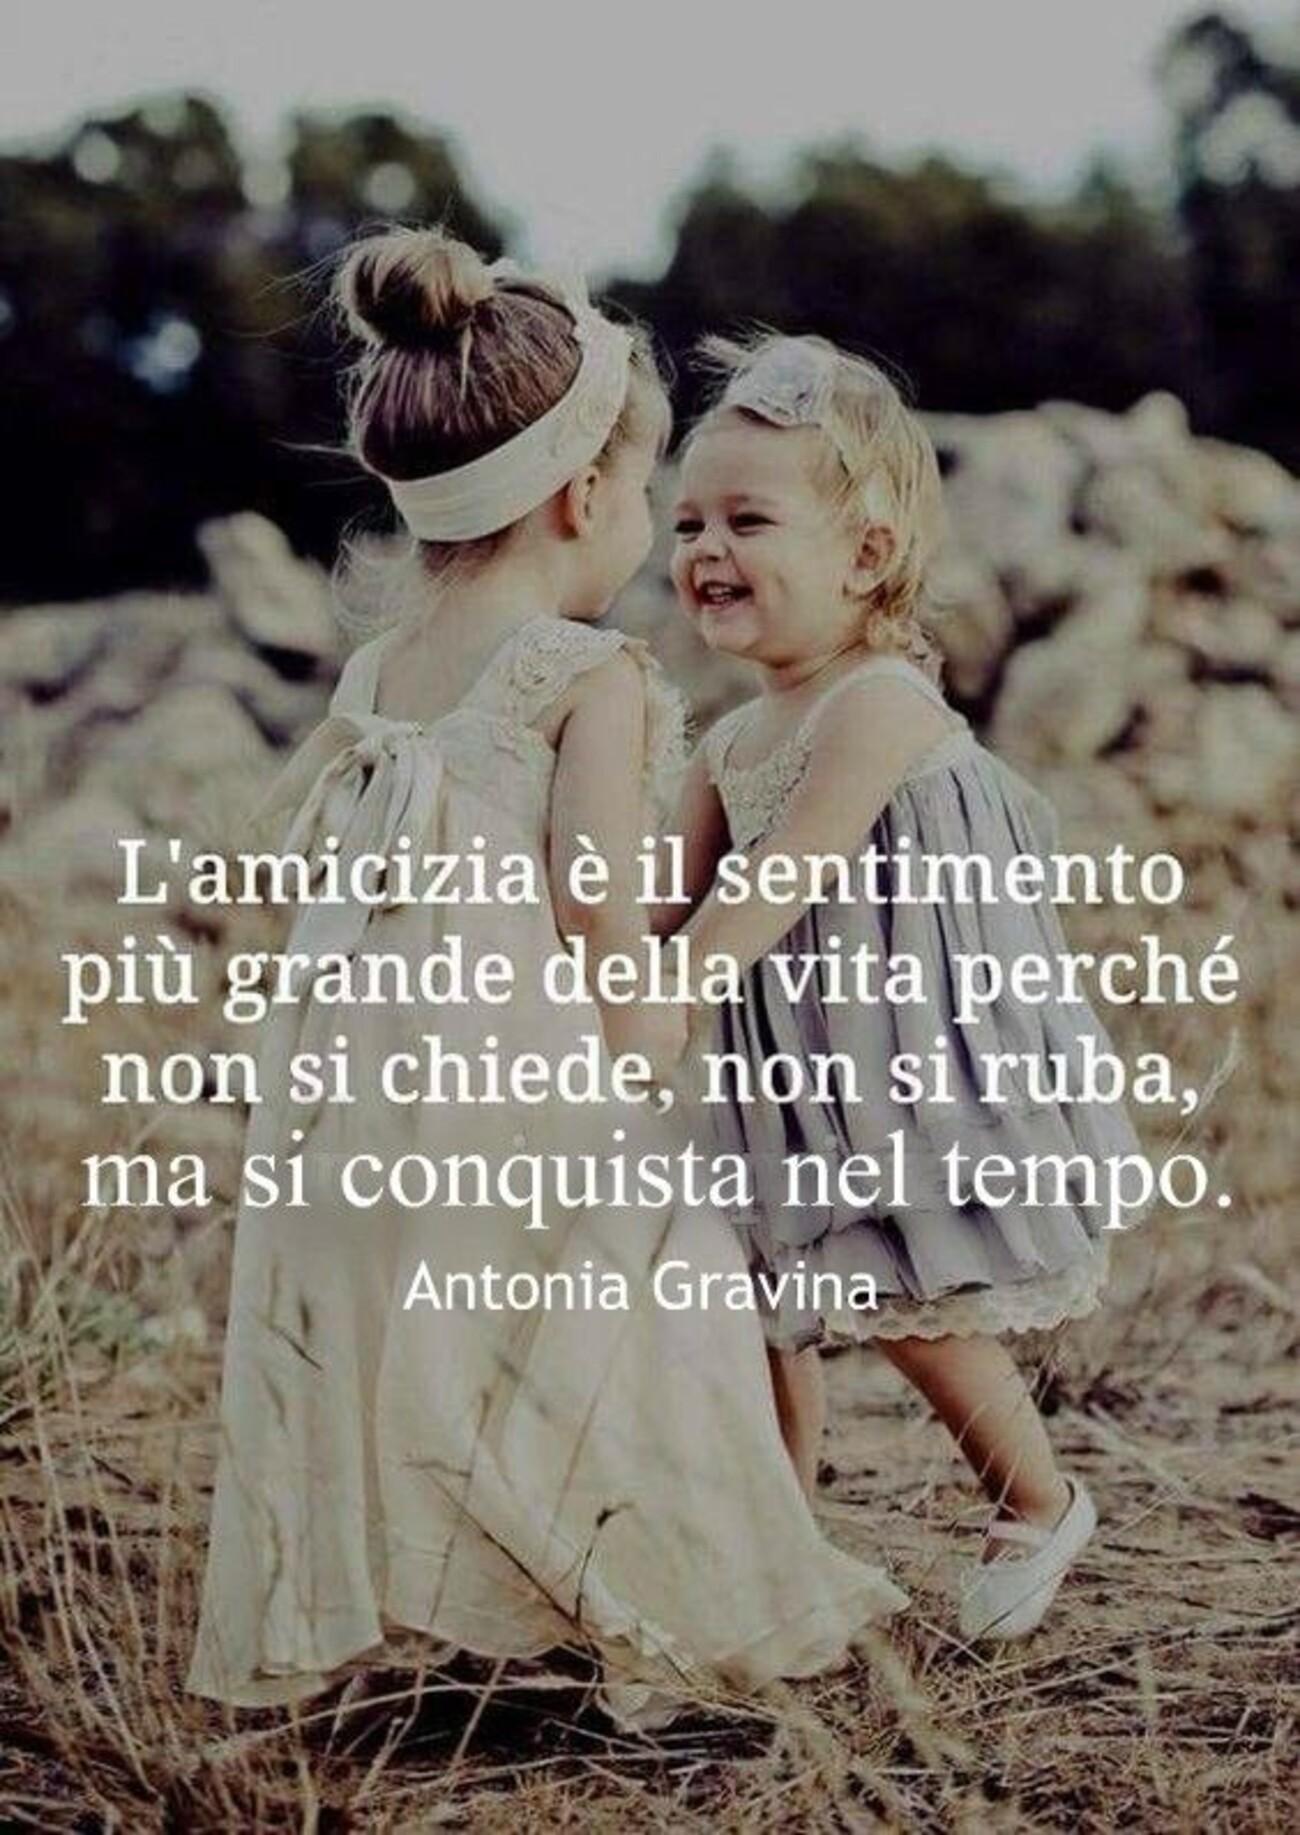 L'Amicizia è il sentimento più grande della vita perchè non si chiede, non si ruba, ma si conquista nel tempo.